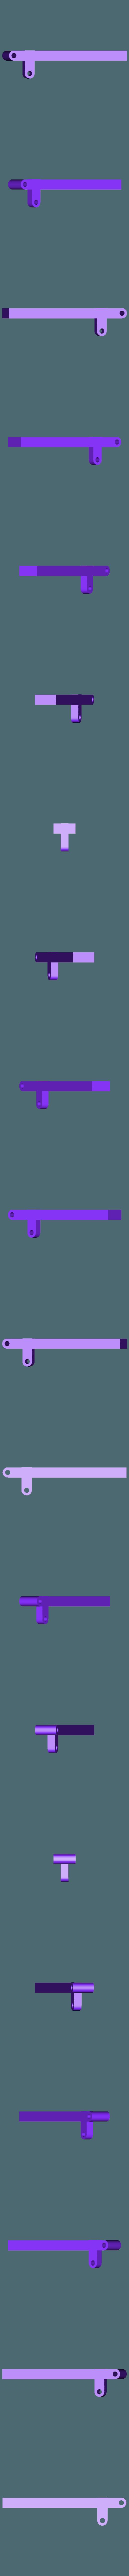 jDoor2.stl Télécharger fichier STL gratuit Jack hook - ouvre-porte hygiénique et sûr, poussoir de bouton • Plan imprimable en 3D, Opossums